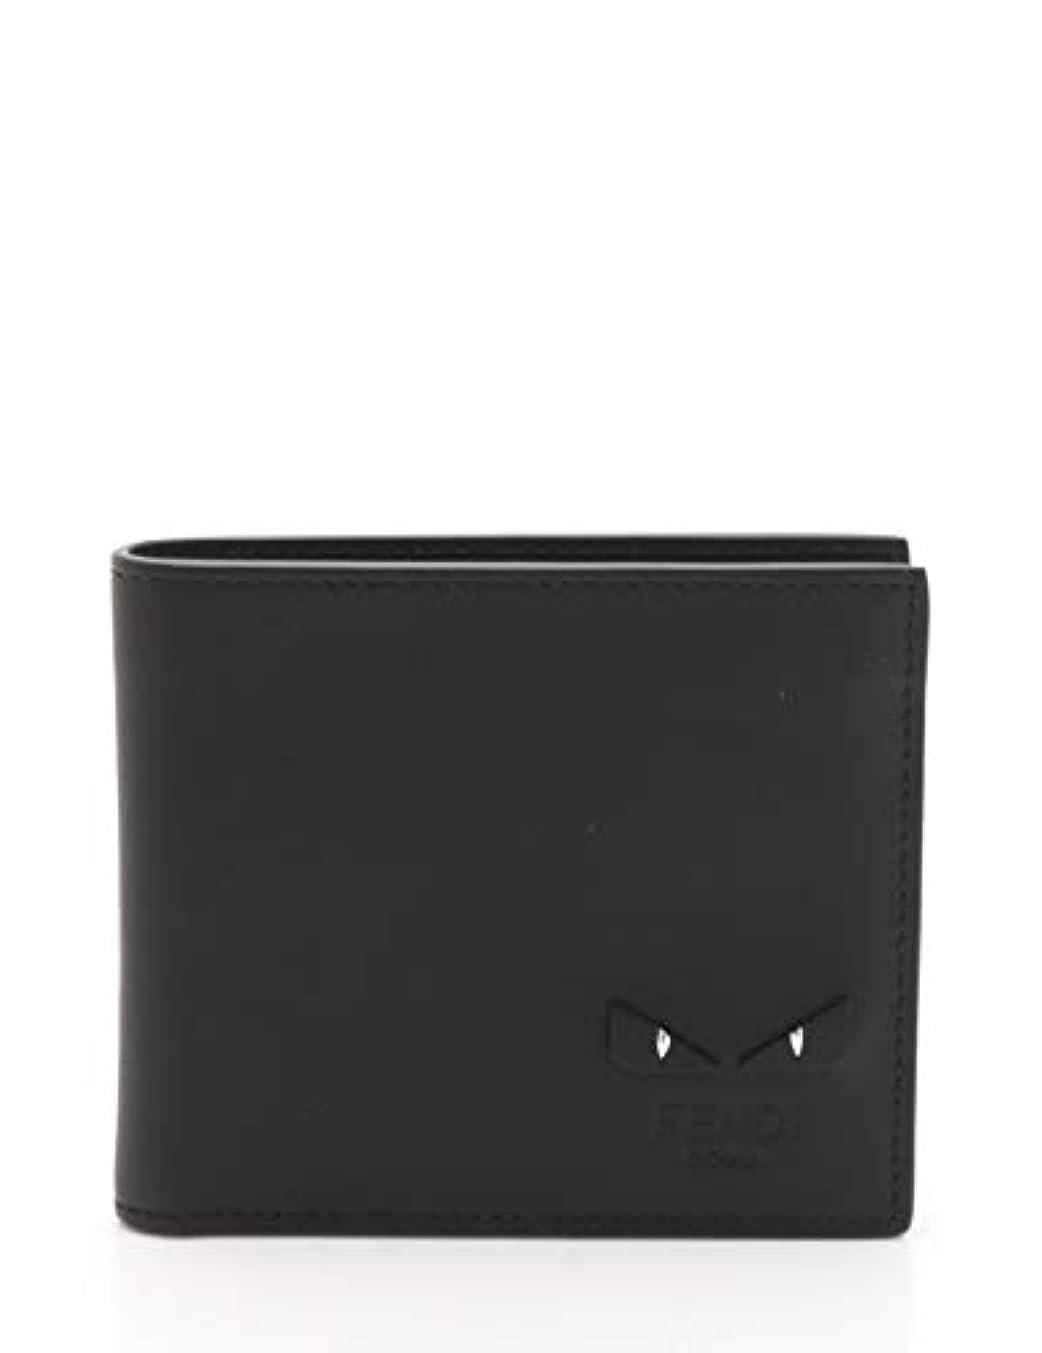 東ボードエクステント(フェンディ) FENDI バックバグズ モンスター 二つ折り財布 レザー 黒 2018AW 7M0169 中古